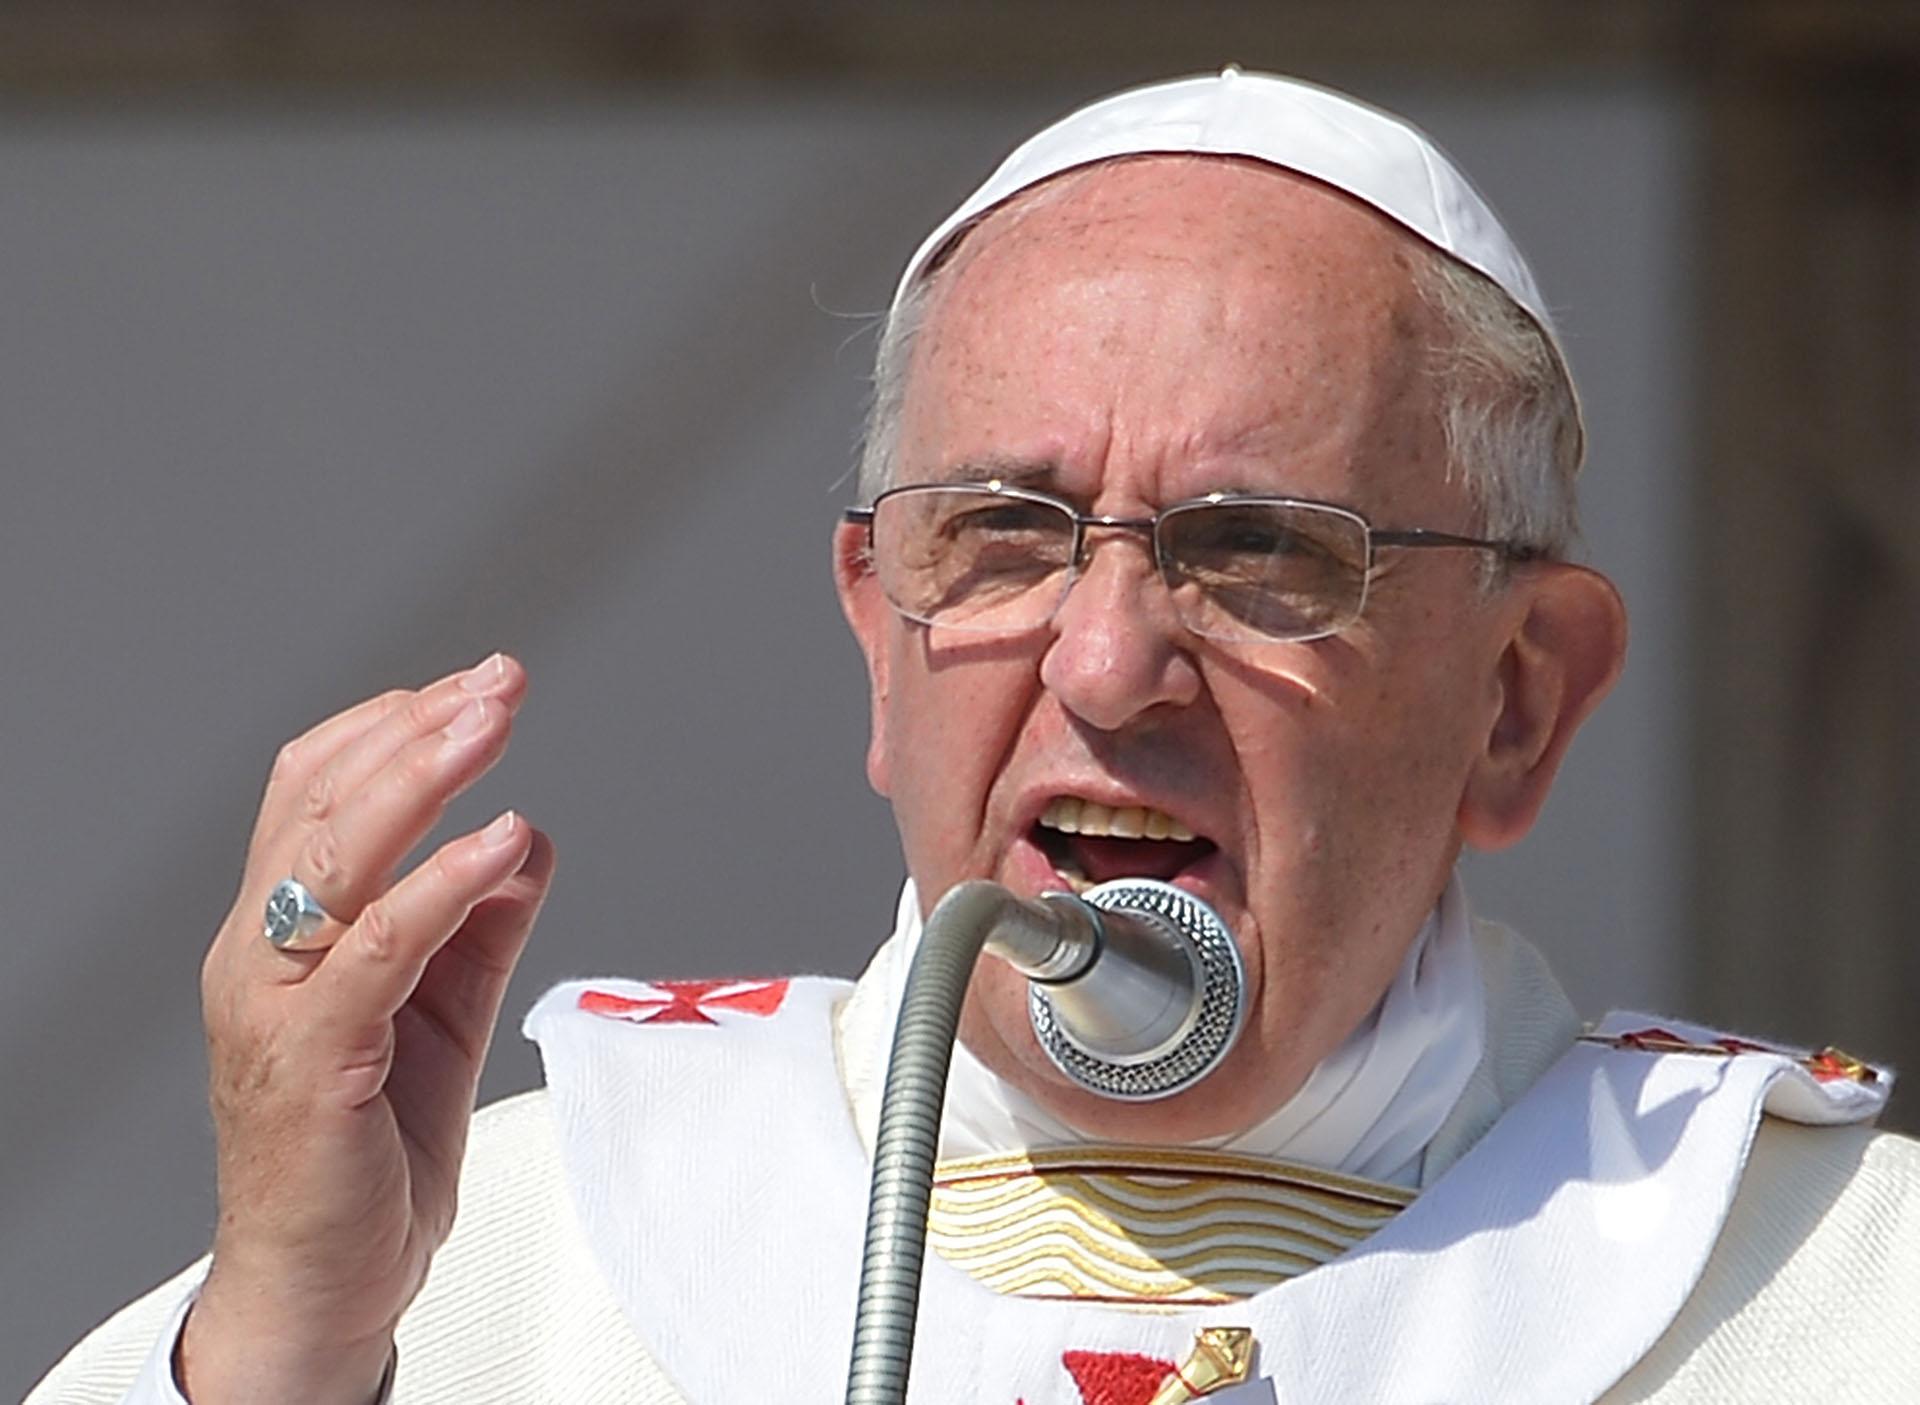 A Közép-afrikai Köztársaságba érkezett a pápa